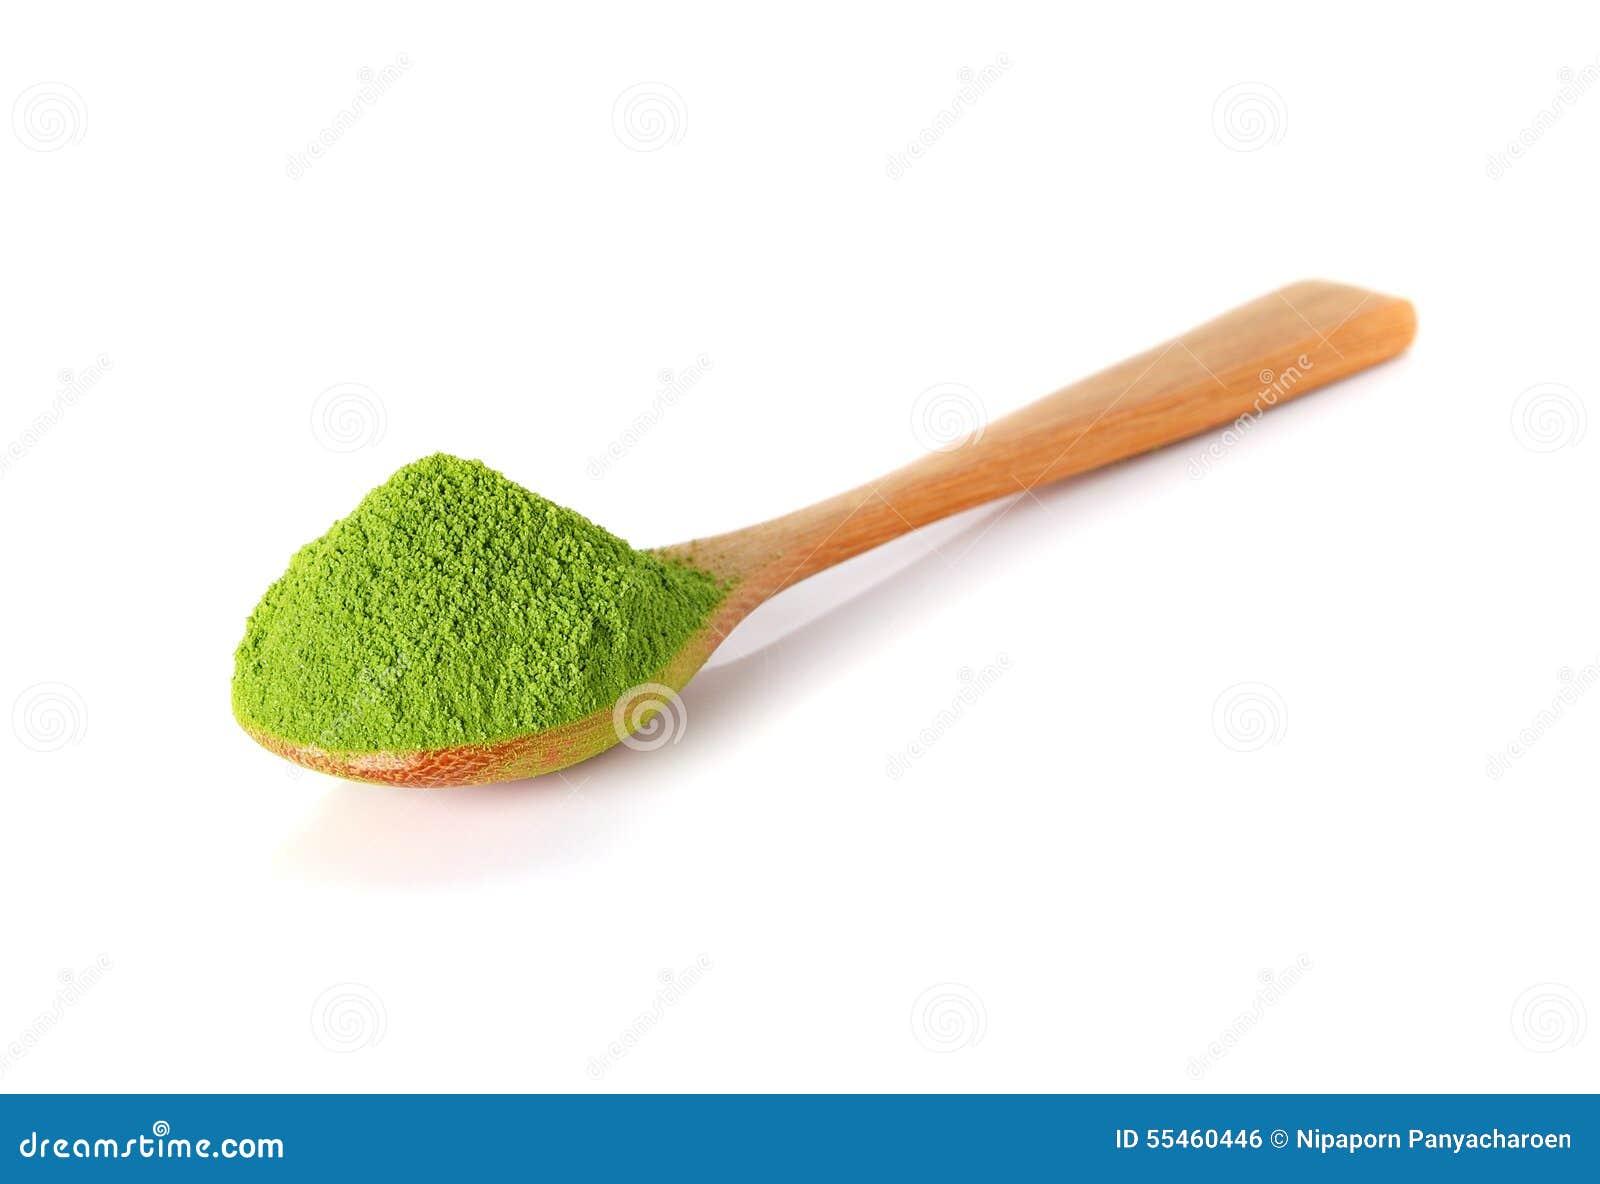 与竹匙子的粉末绿茶